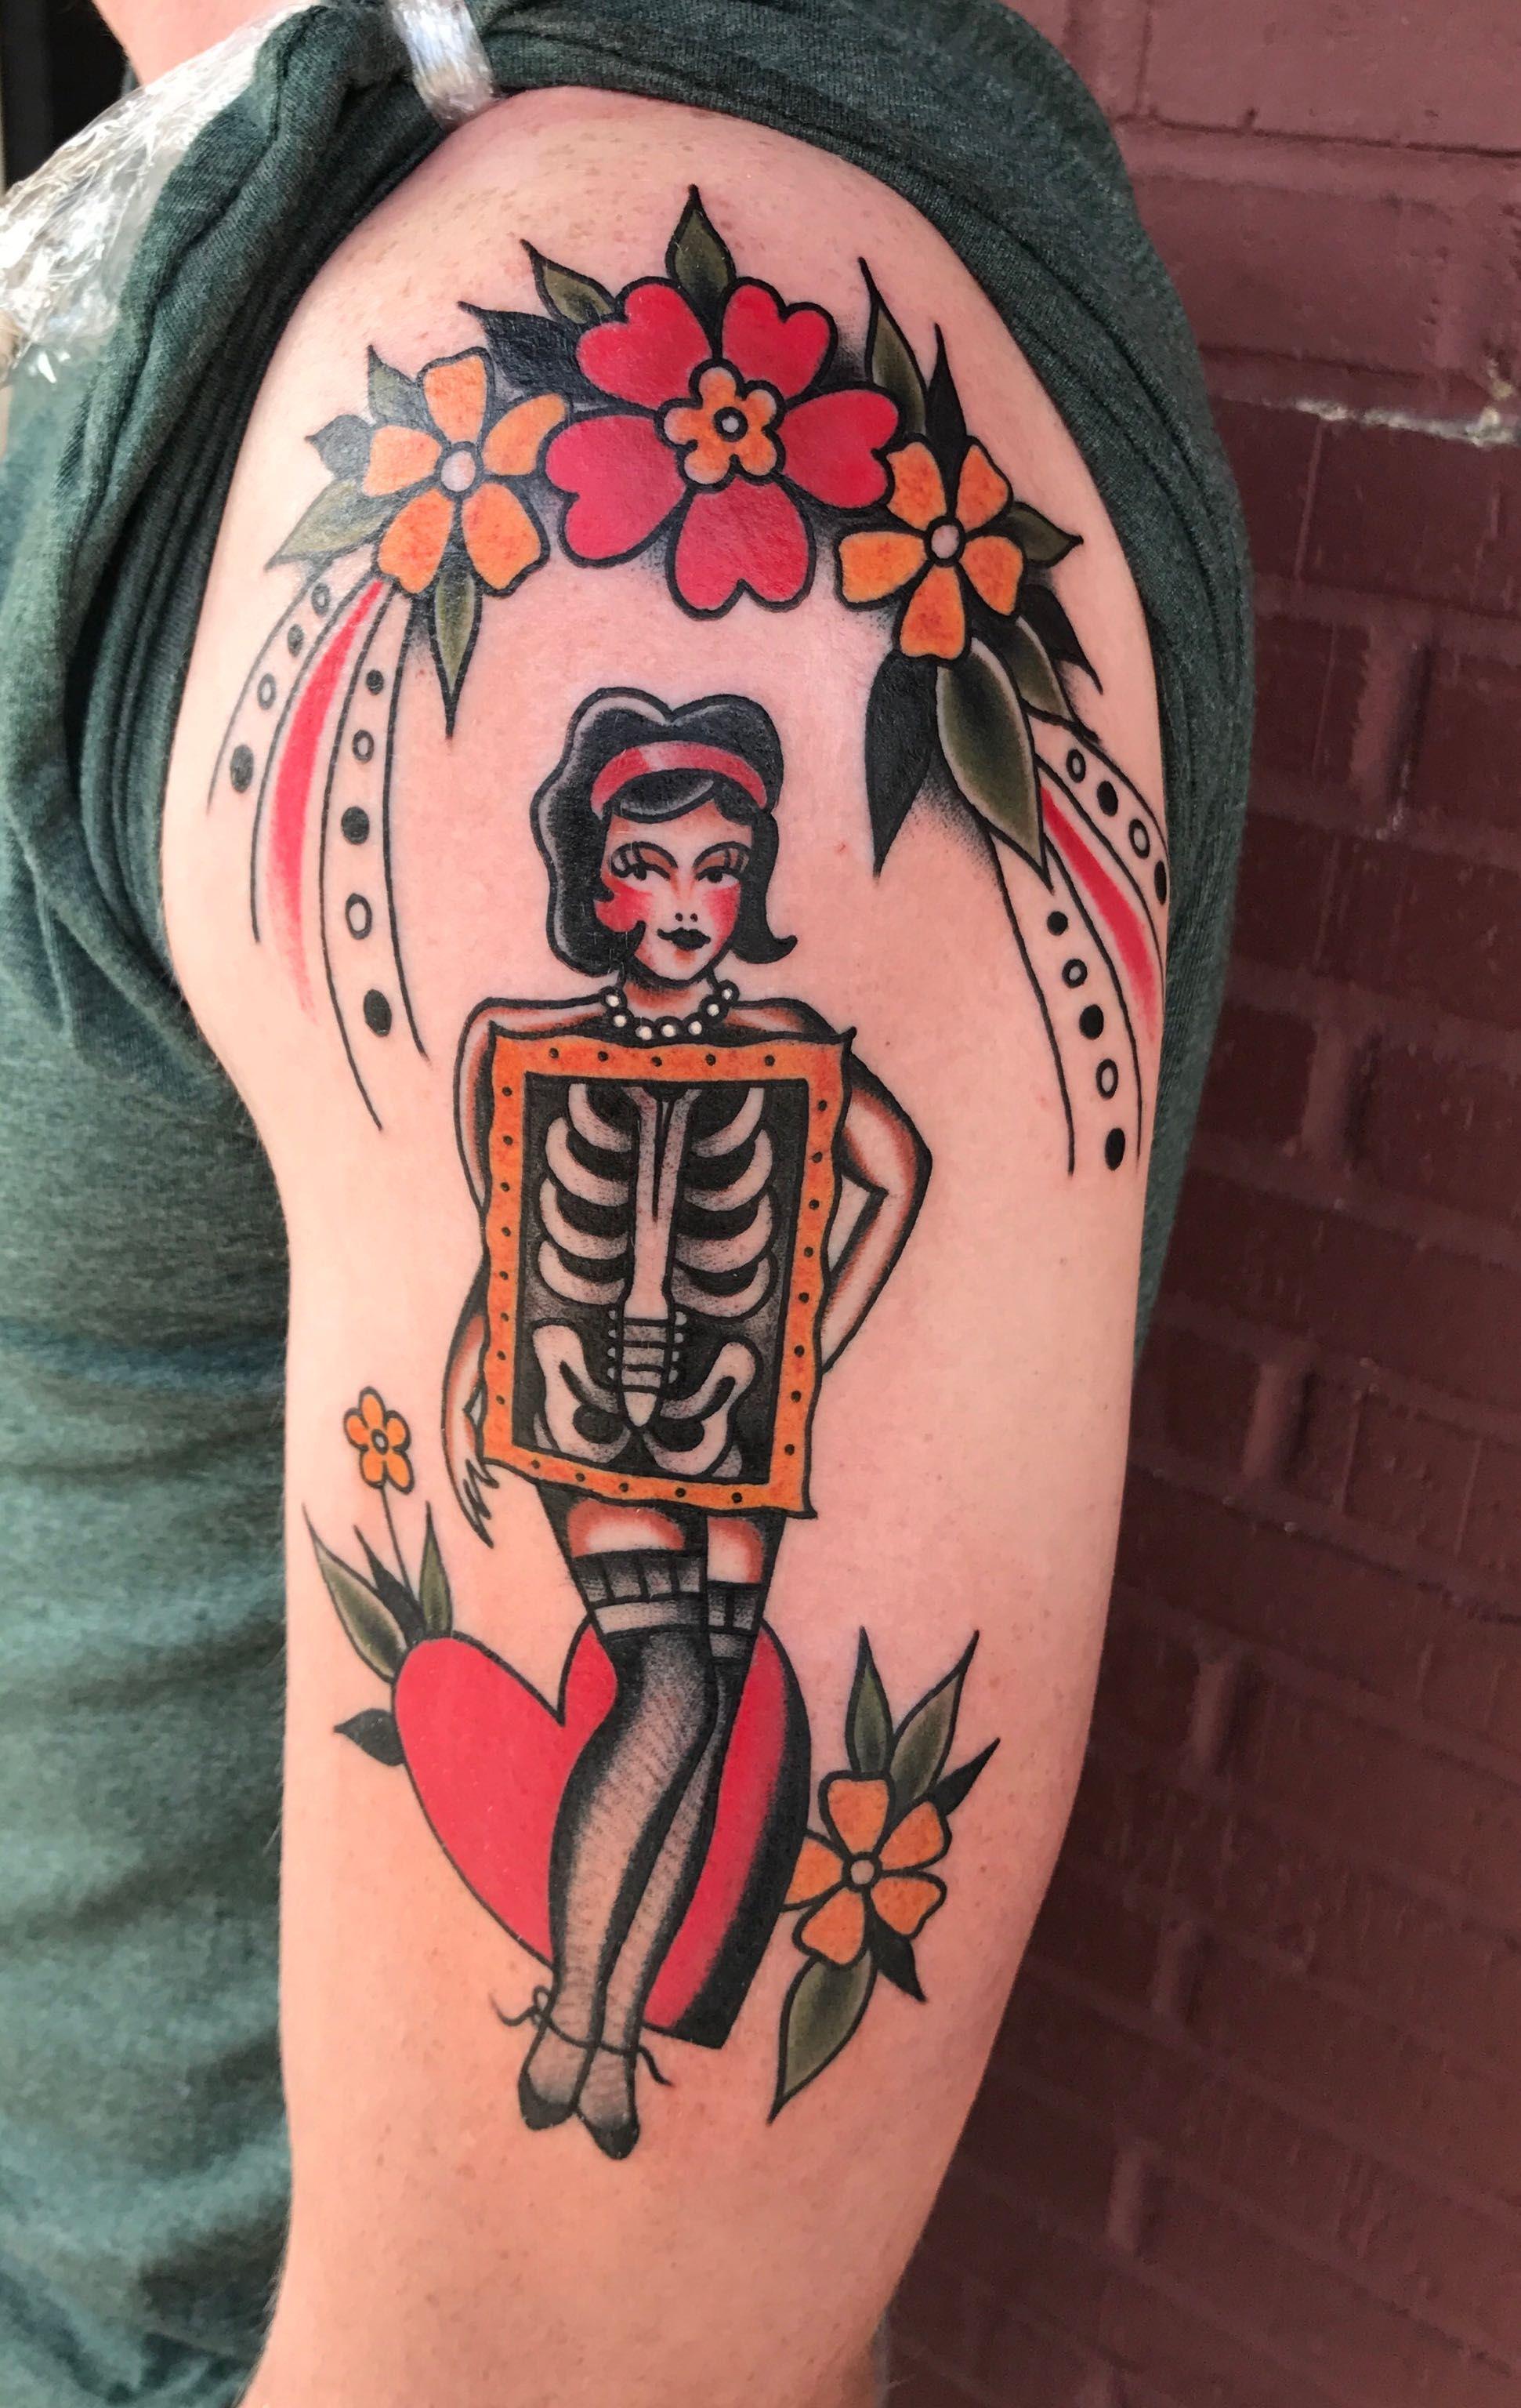 600b6e637984d X-ray Pinup by Ali @ Amulet Tattoo St. Petersburg, Fl | Tattoo Ideas ...